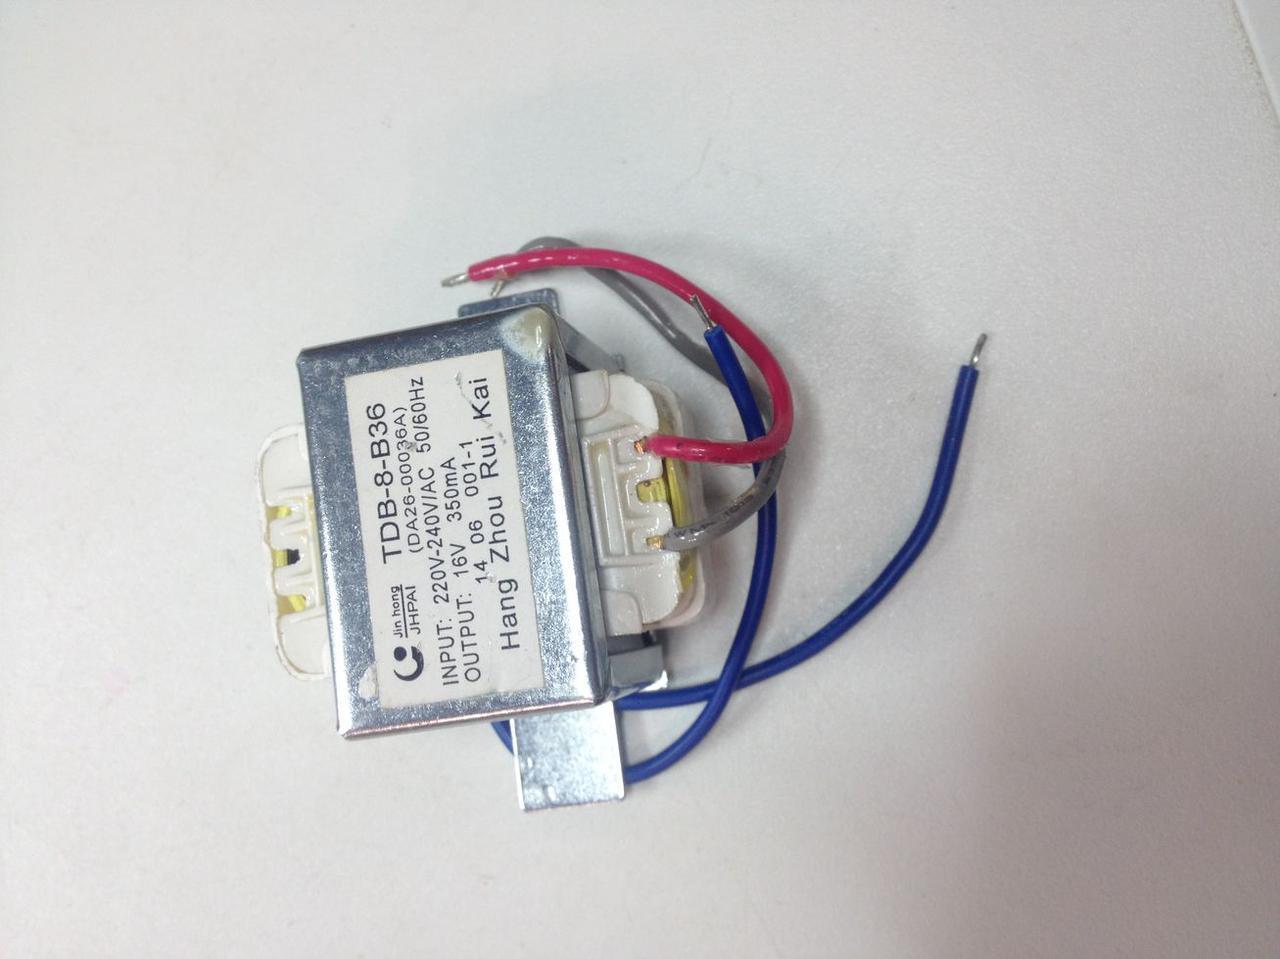 Трансформатор питания Samsung (Самсунг) DA26-00036A для холодильника